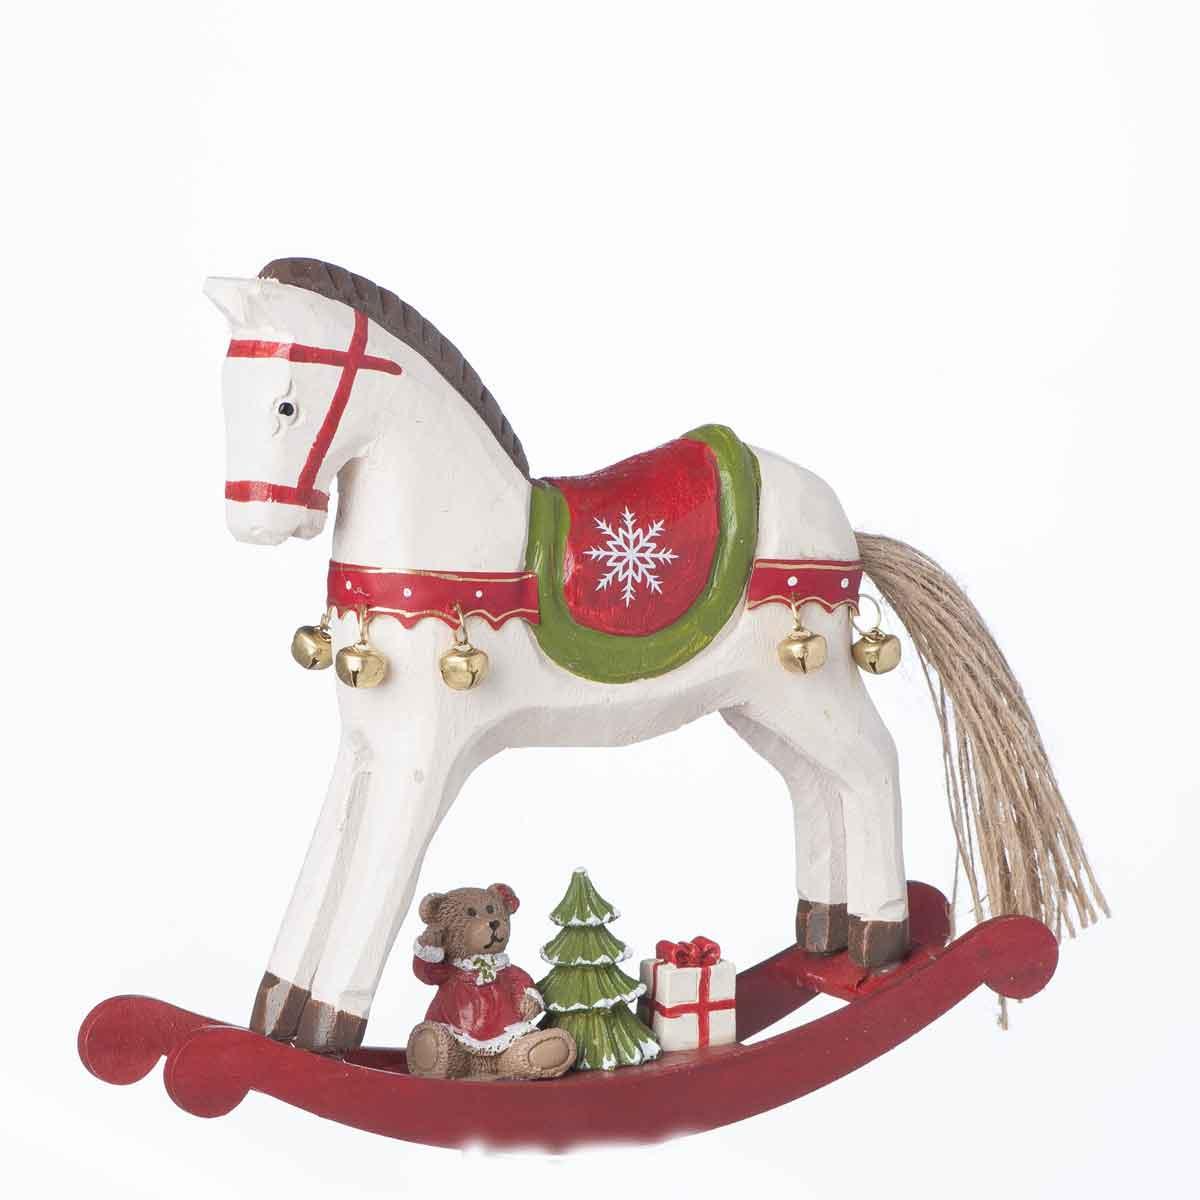 Cavallino in legno con doni